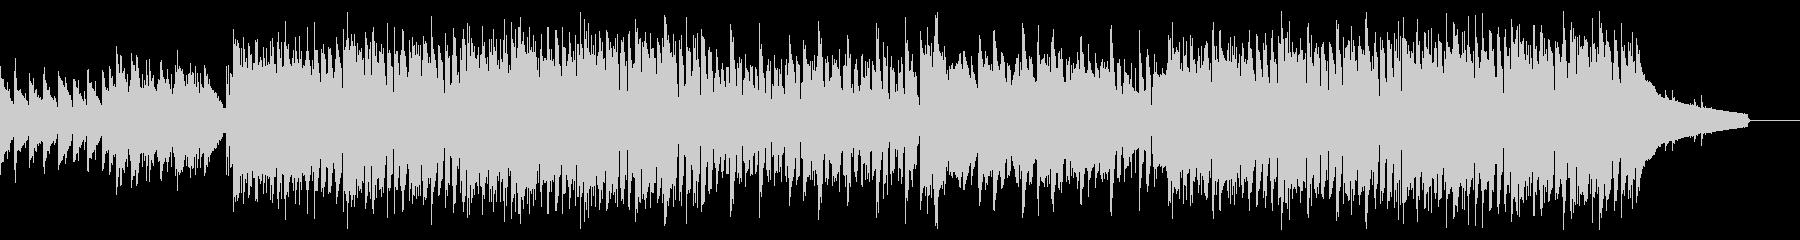 エモいコード進行のアンニュイEDMロックの未再生の波形